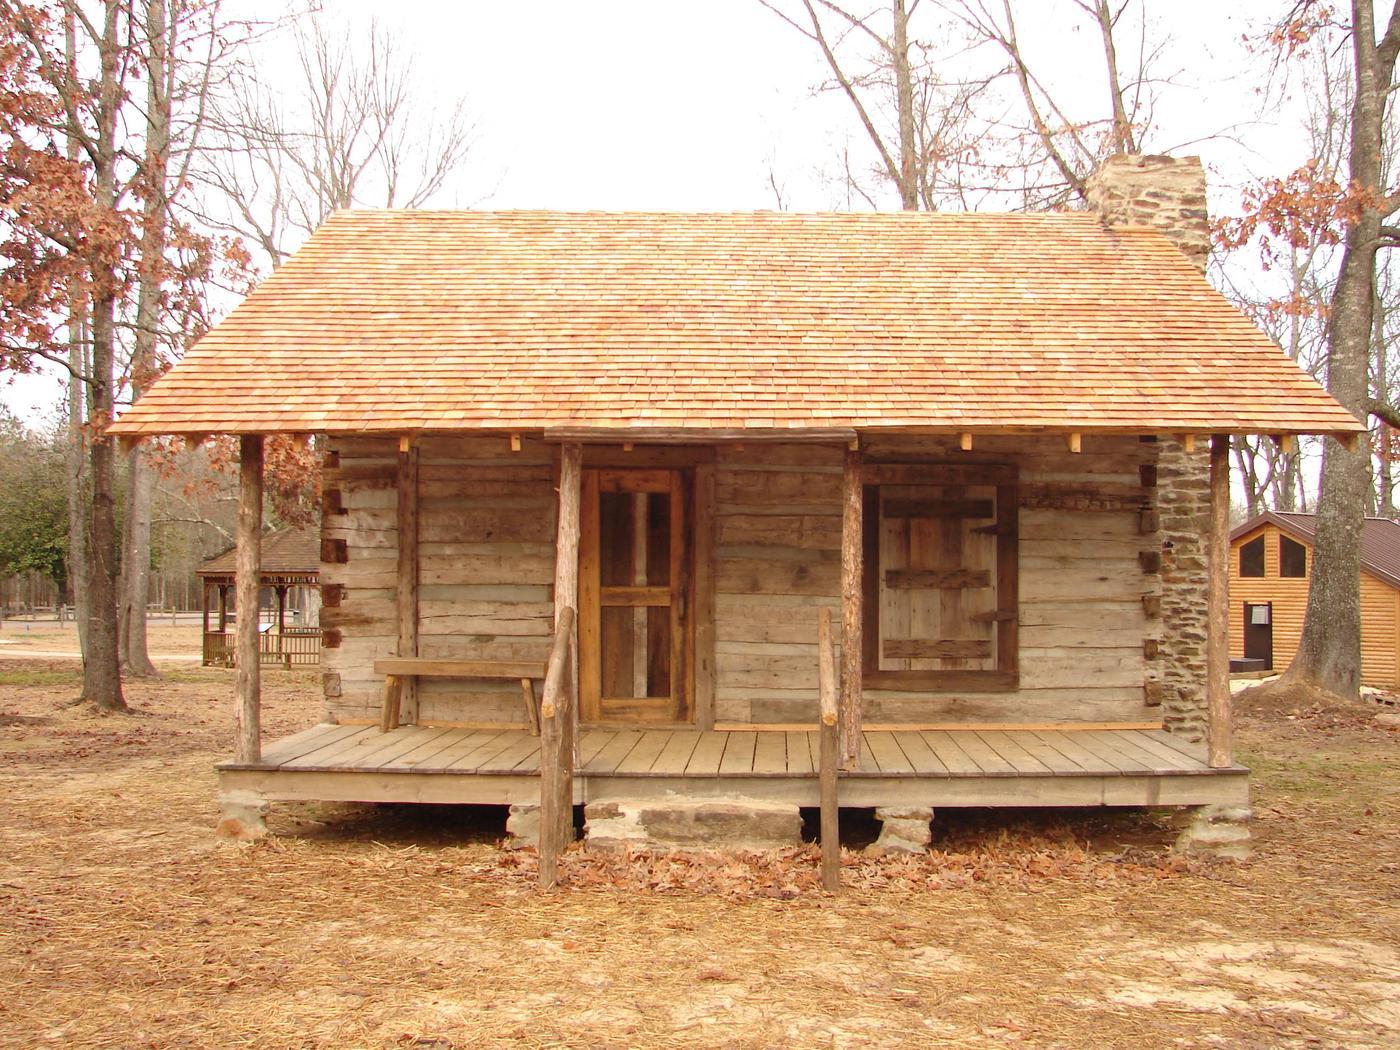 1900's era hewn timber cabinCabin